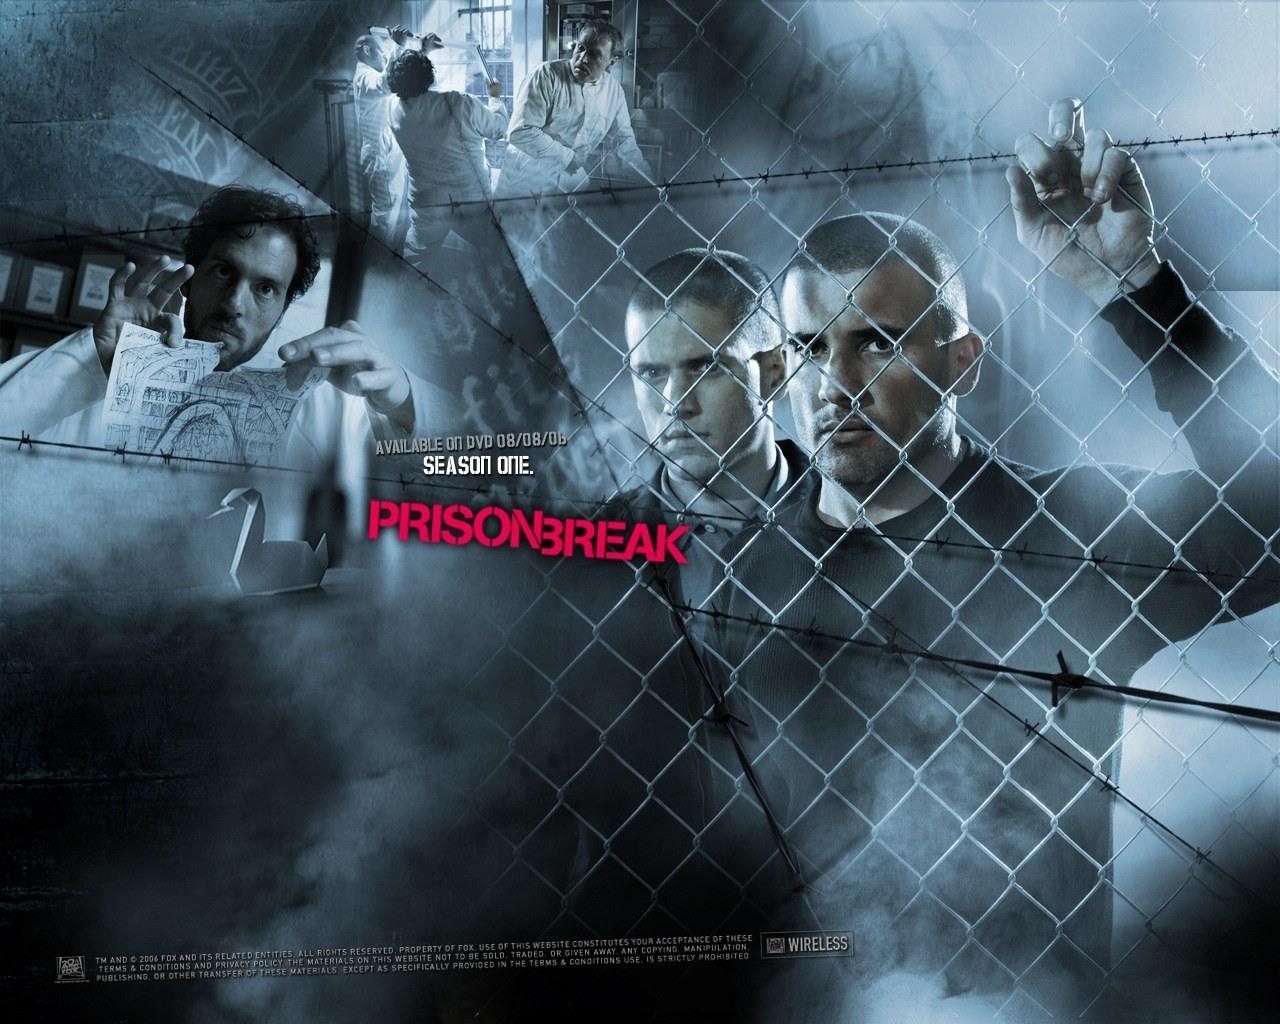 Prison Break   Prison Break Wallpaper 653366 1280x1024